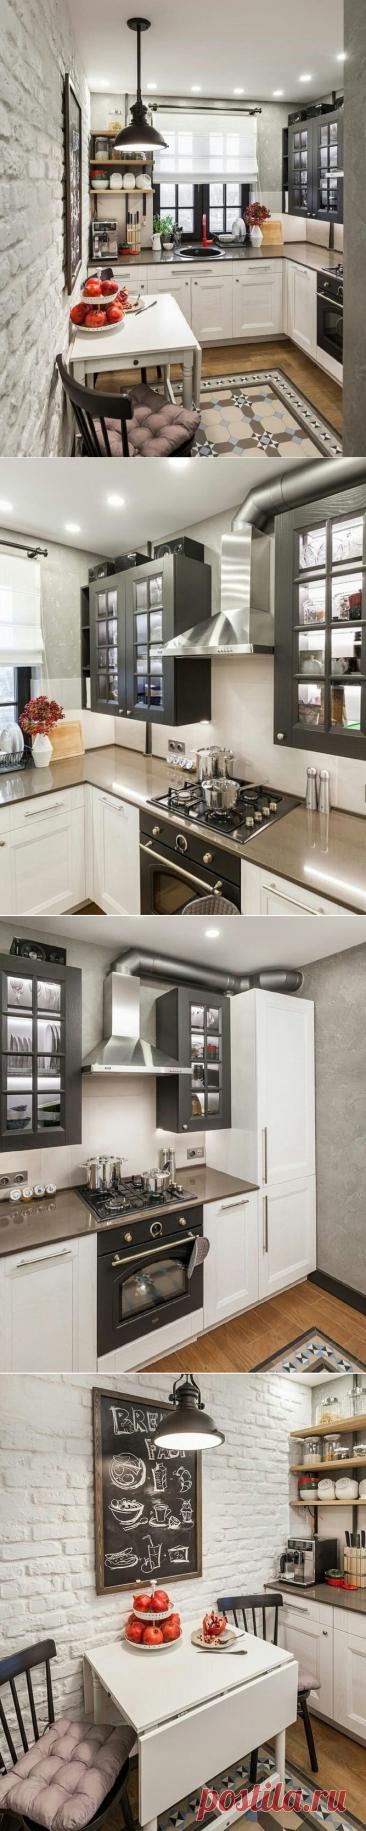 Удивительной красоты кухня, которая покорит Вас своими деталями и общей атмосферой уюта и тепла. | DESIGNER | Яндекс Дзен